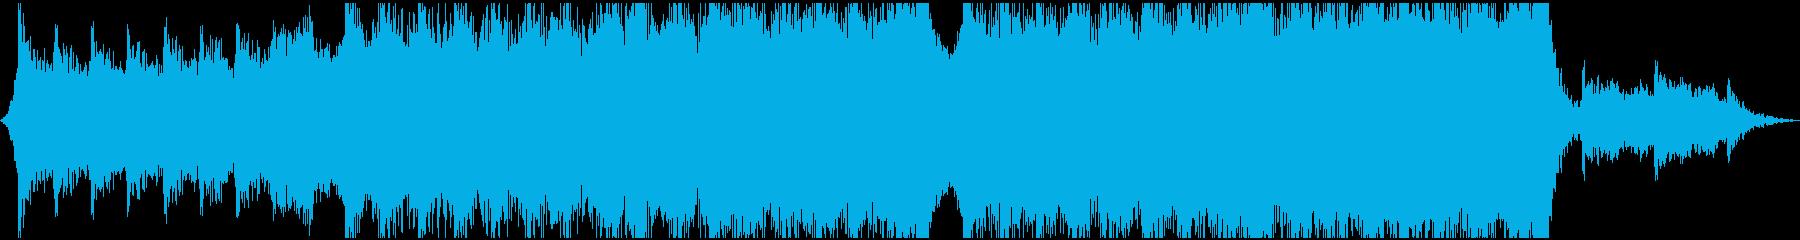 現代の交響曲 クラシック交響曲 企...の再生済みの波形